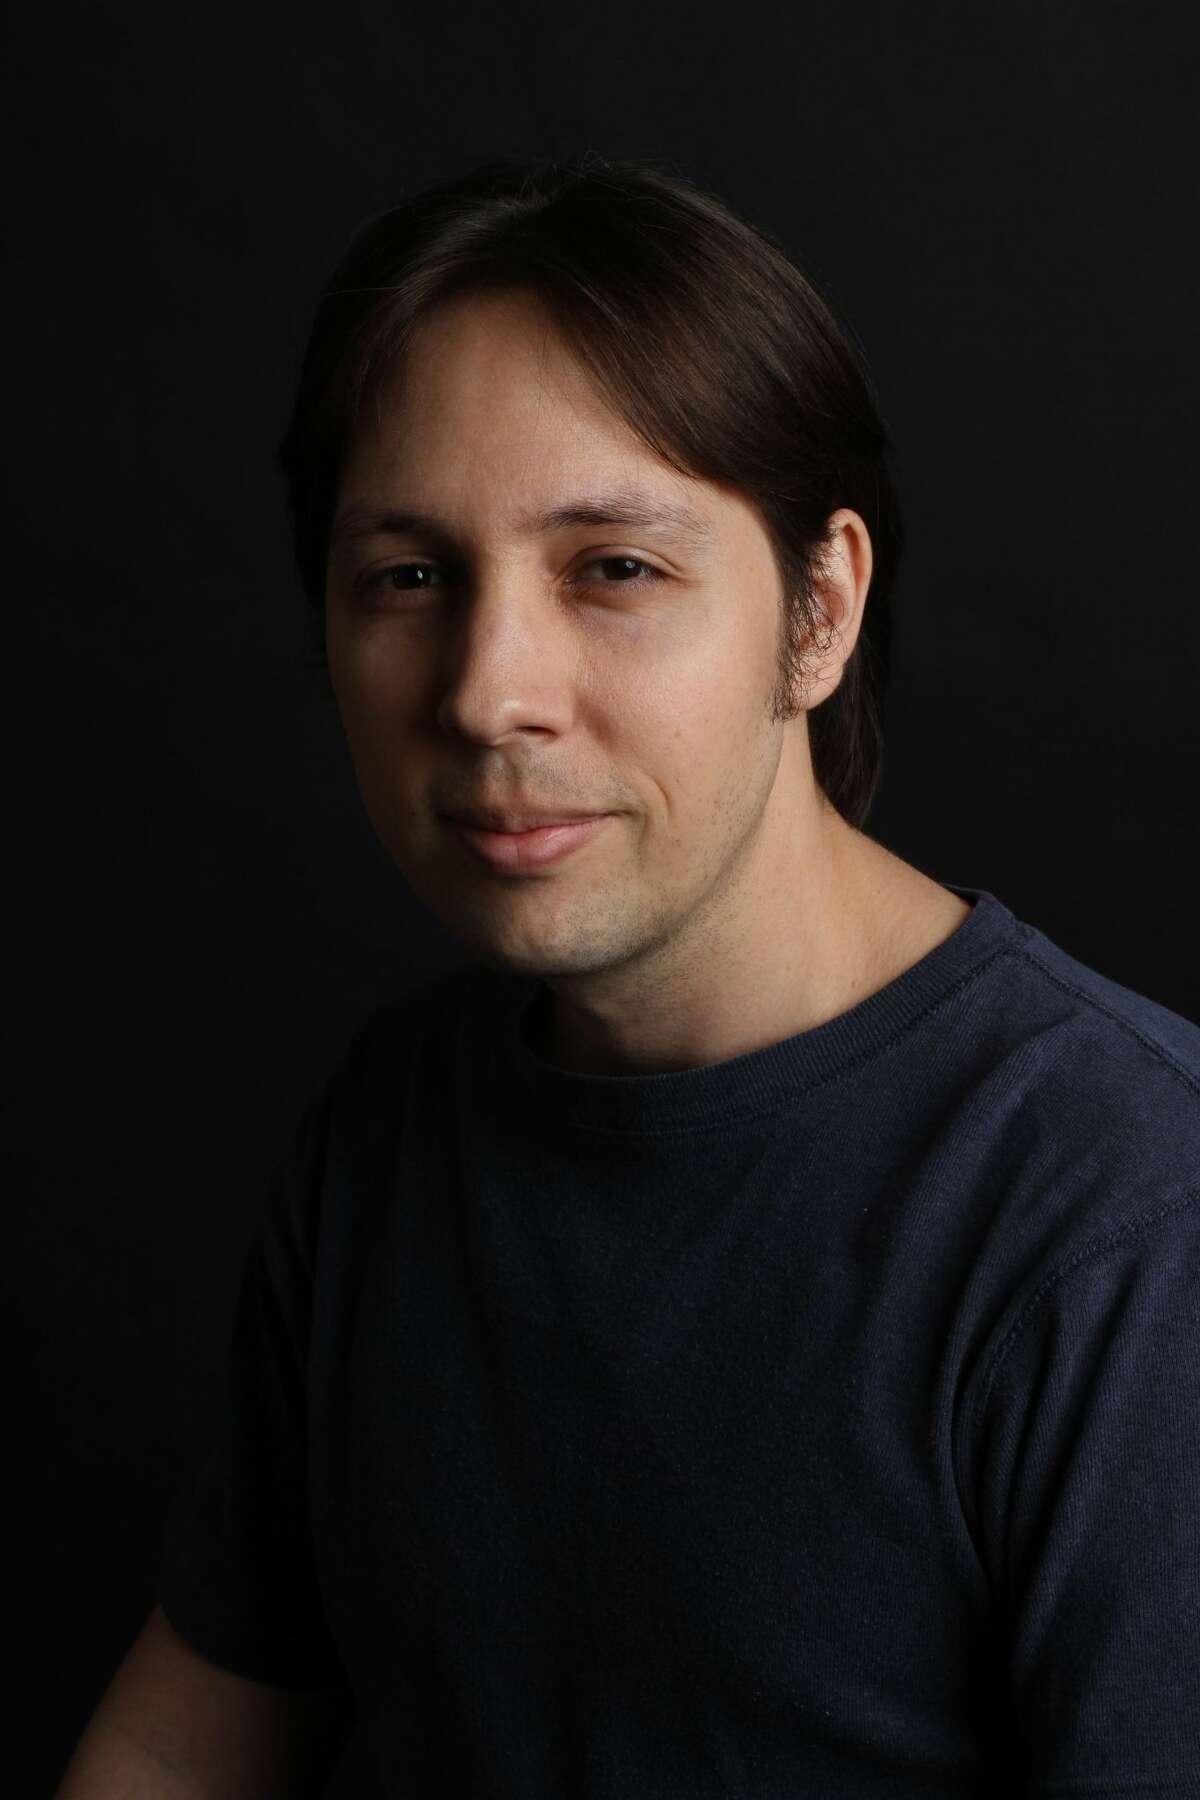 A portrait of linguist David J. Peterson.